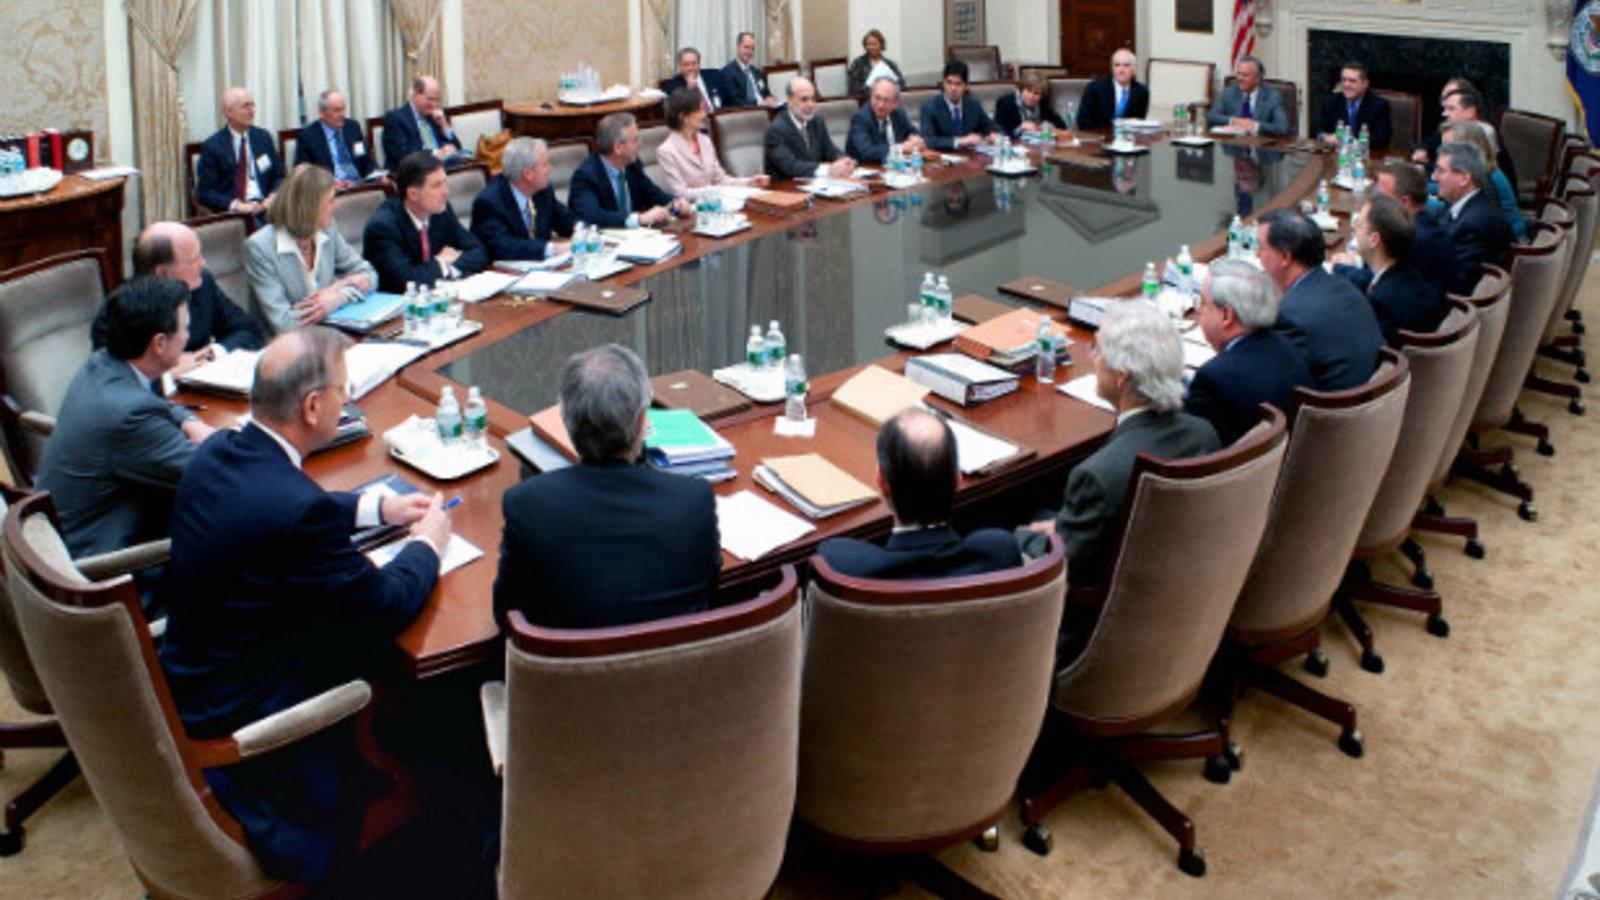 Kỳ vọng gì vào cuộc họp ngày 15 - 16/12 của Fed